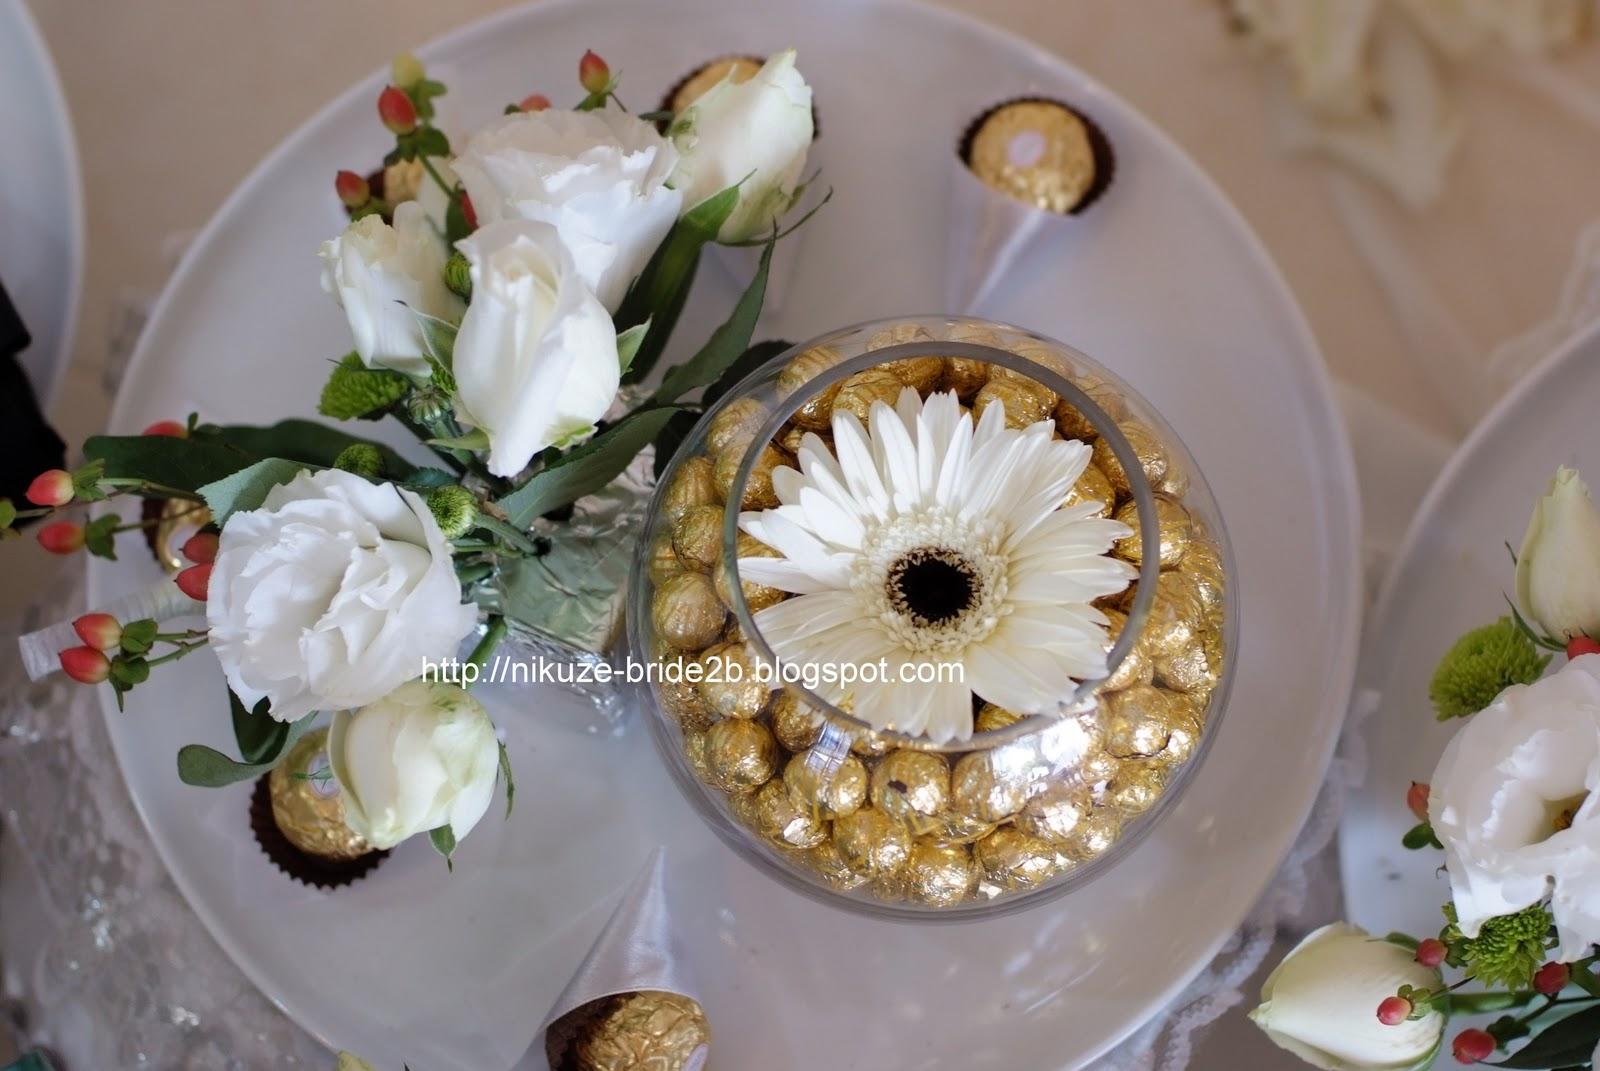 gubahan hantaran hati: contoh bunga pahar atau bunga telur dip.